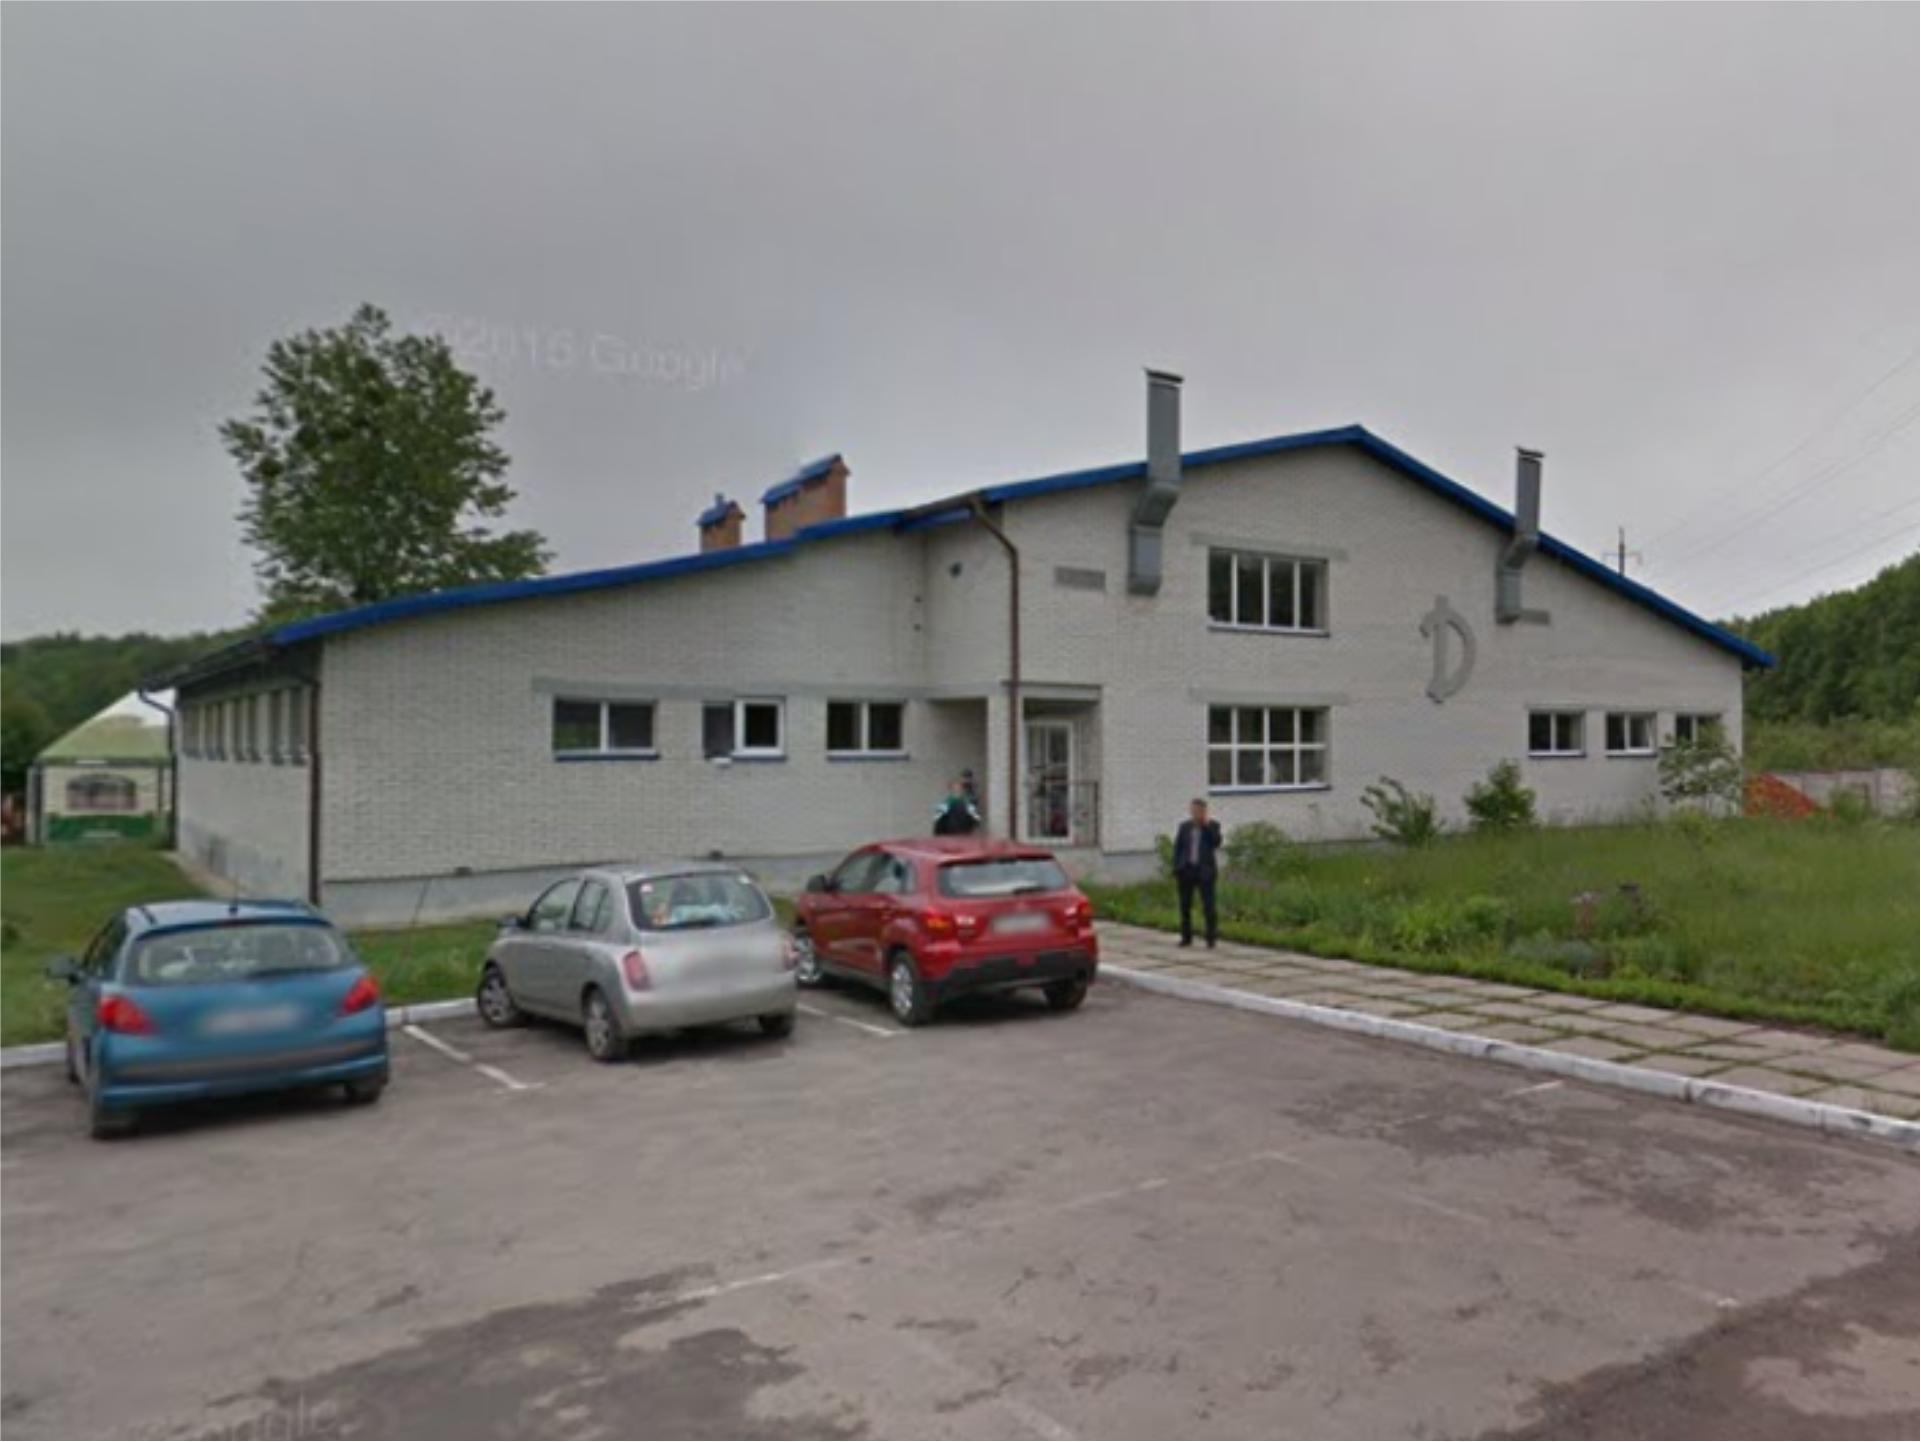 Динамо / Dynamo